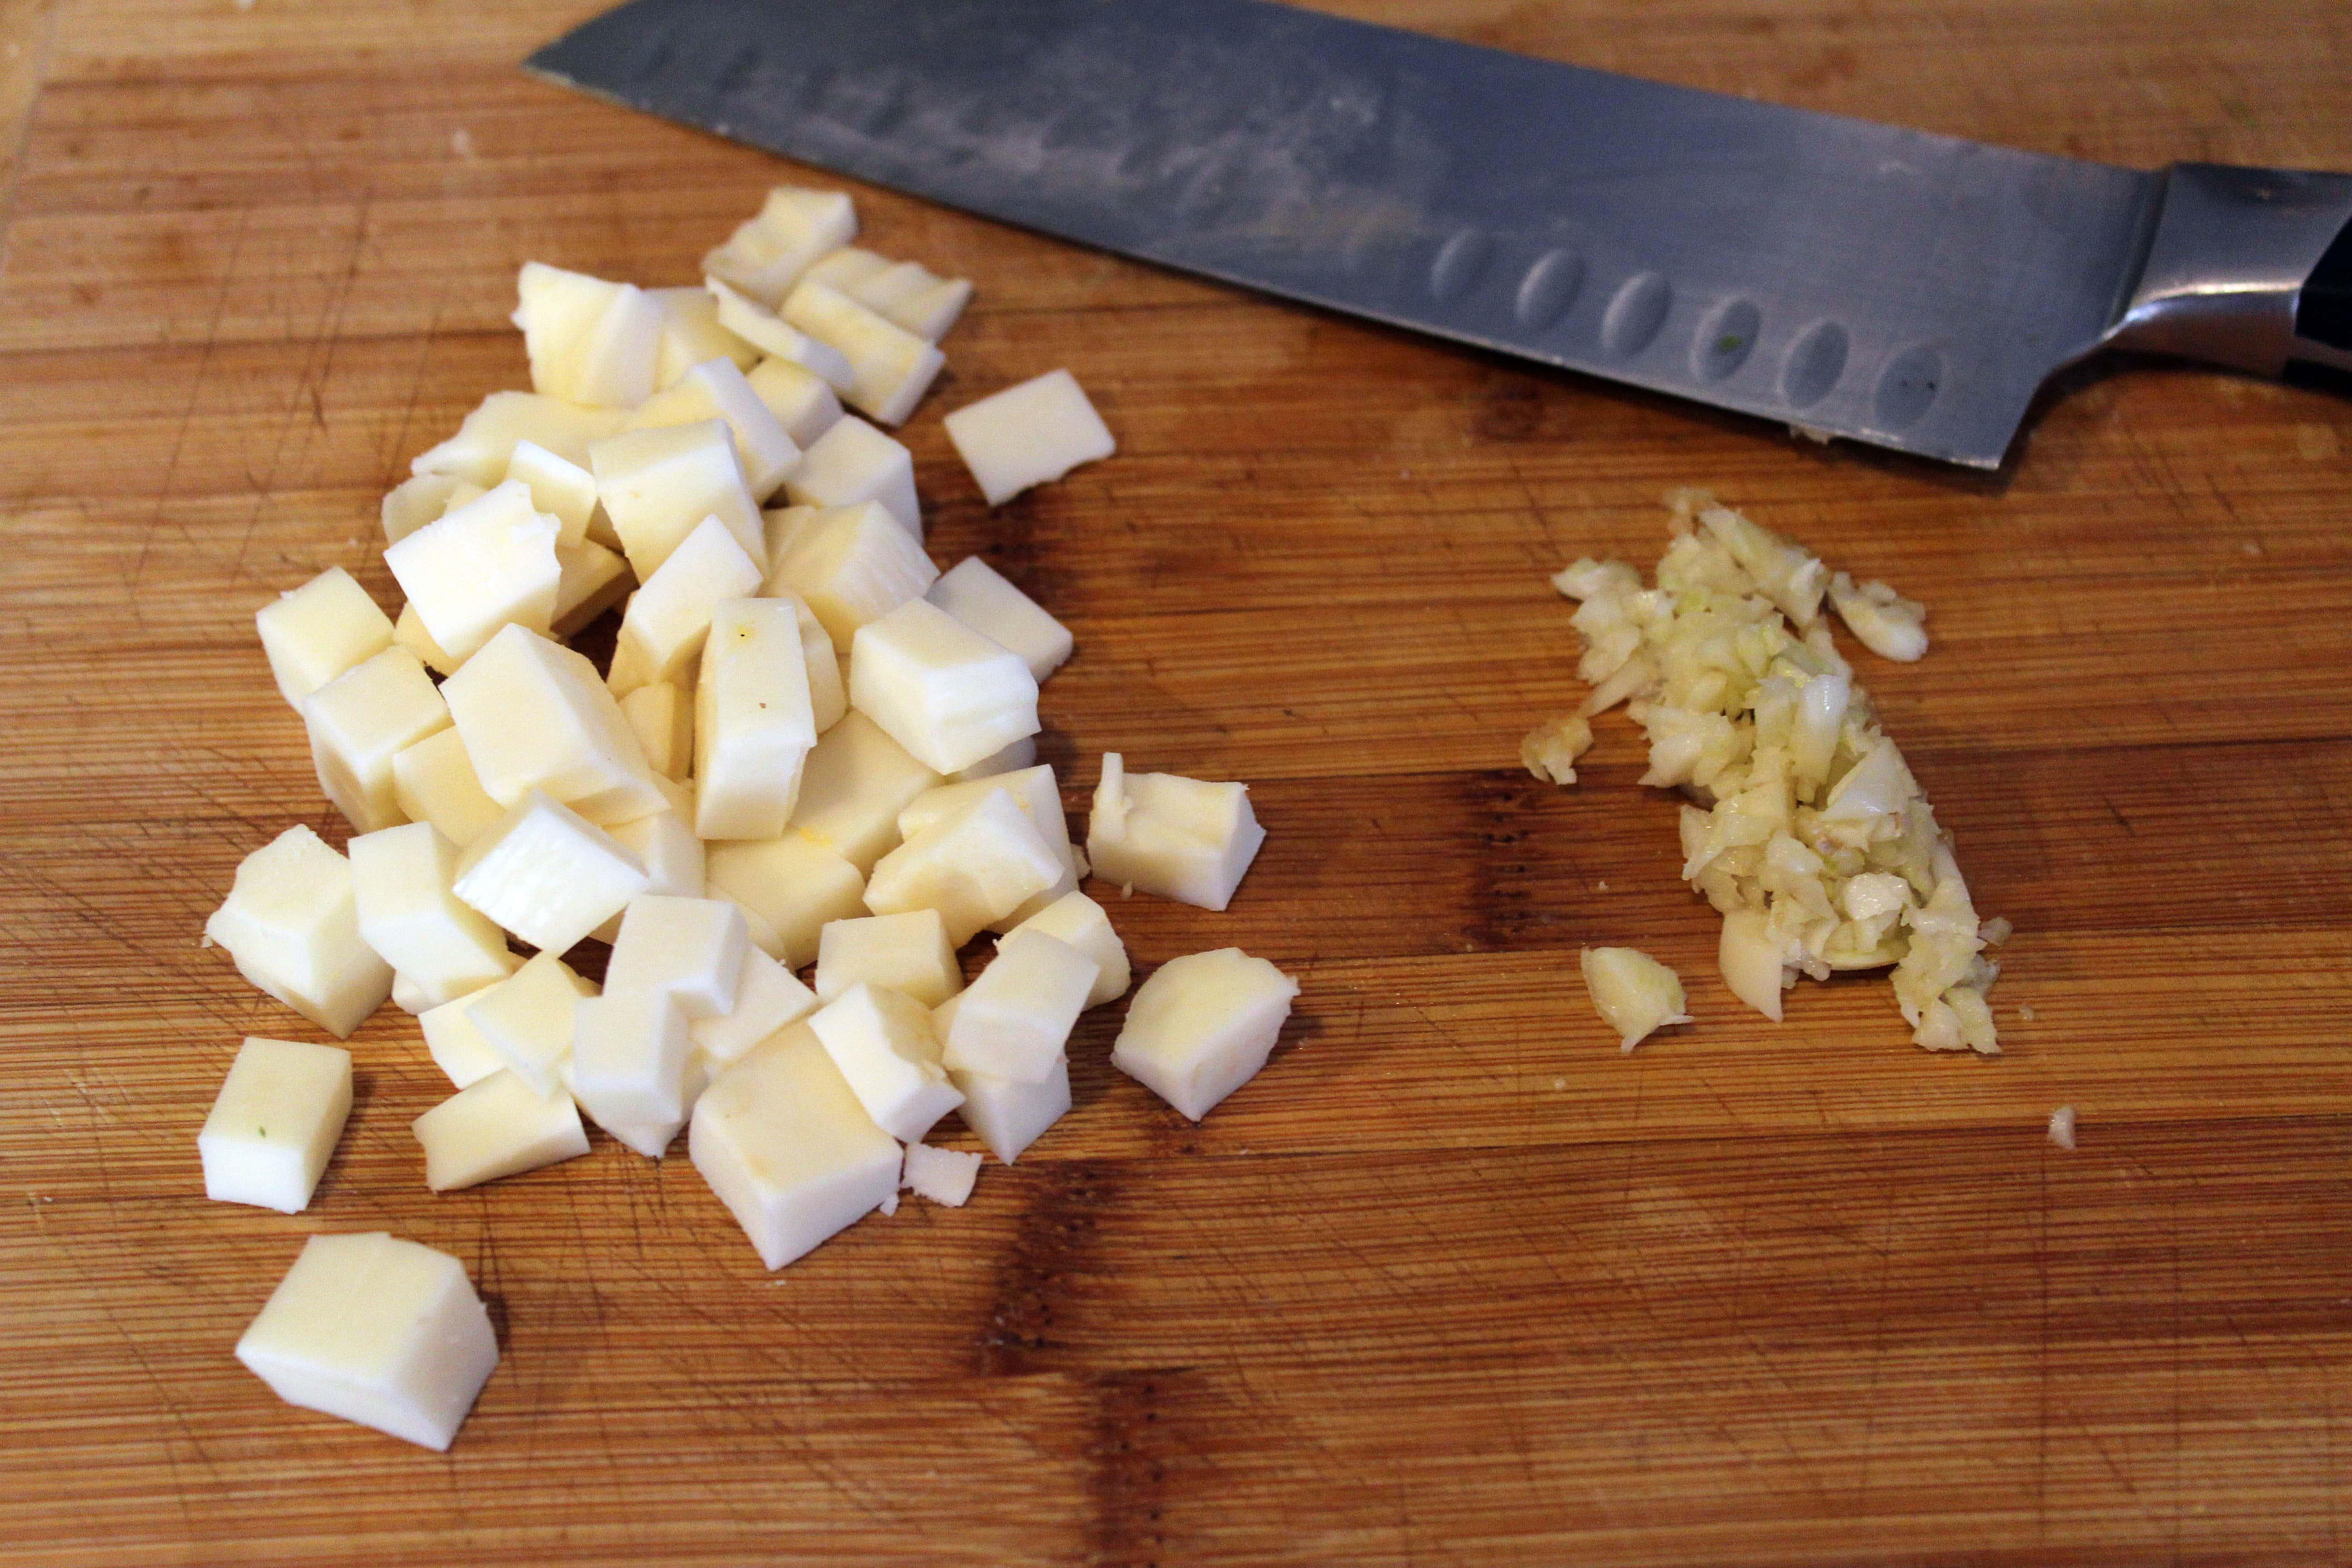 Chop cheese and raw garlic